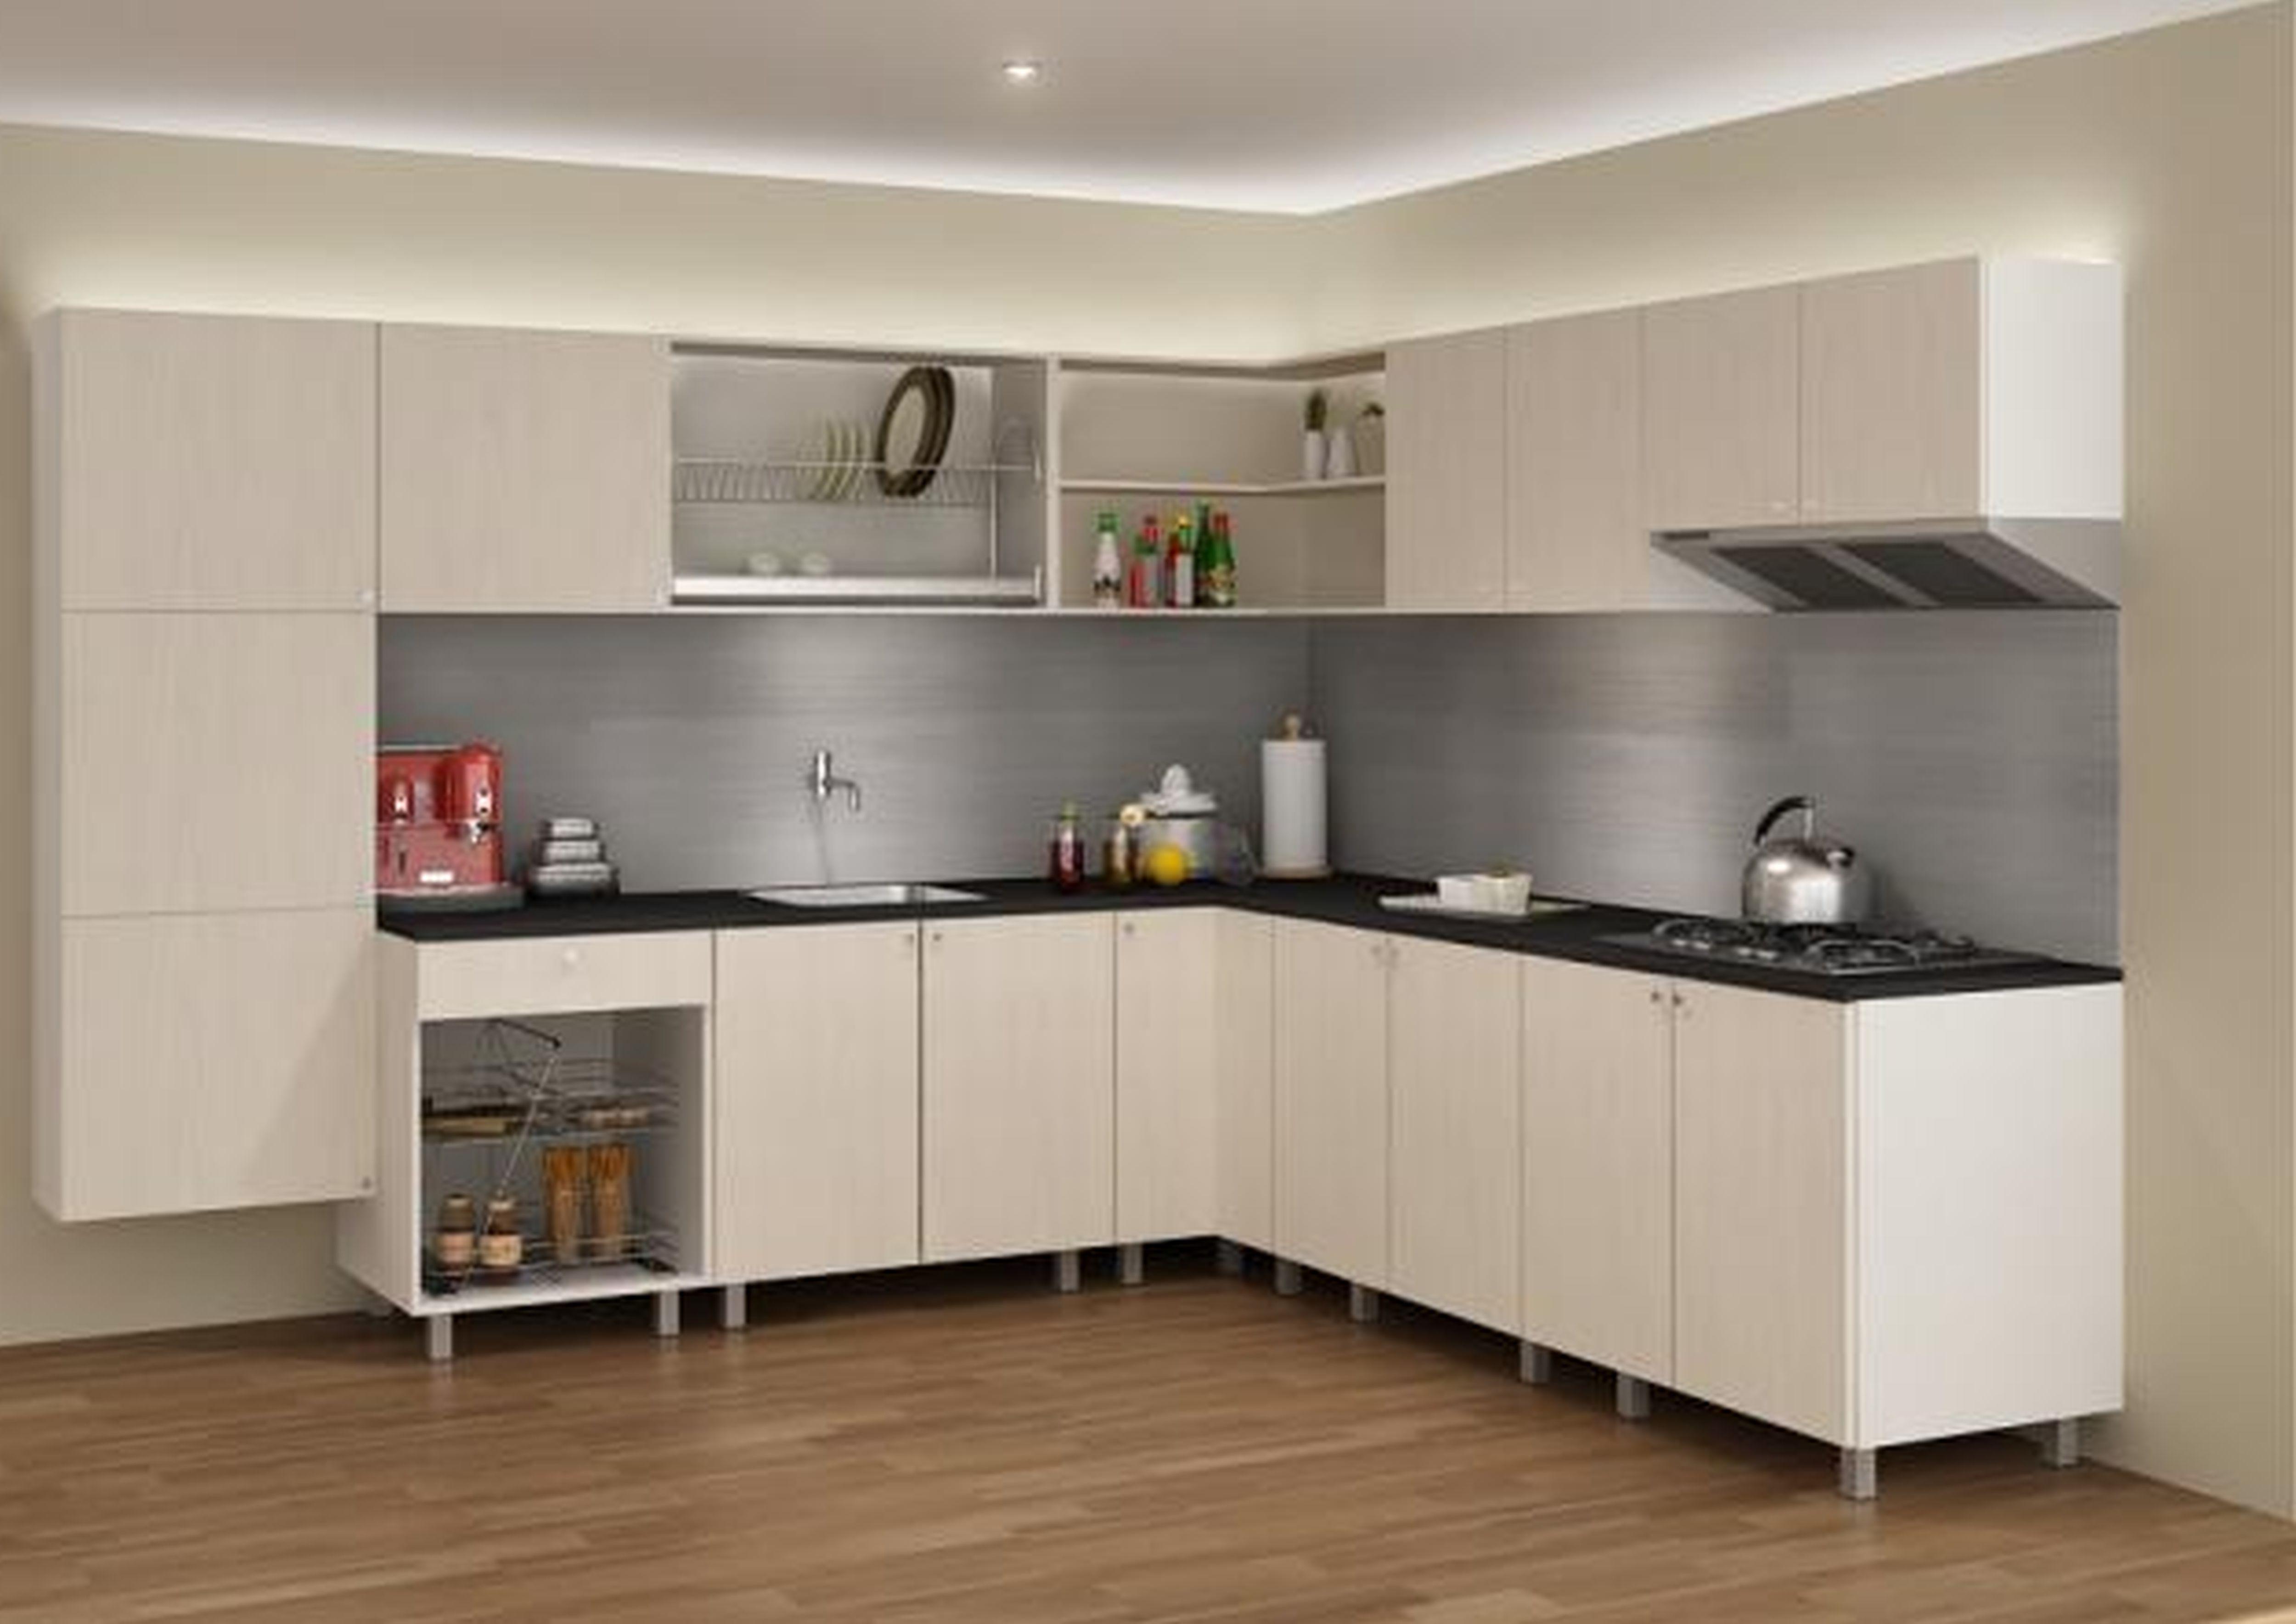 Wall mounted kitchen cabinets yonkoutei pinterest